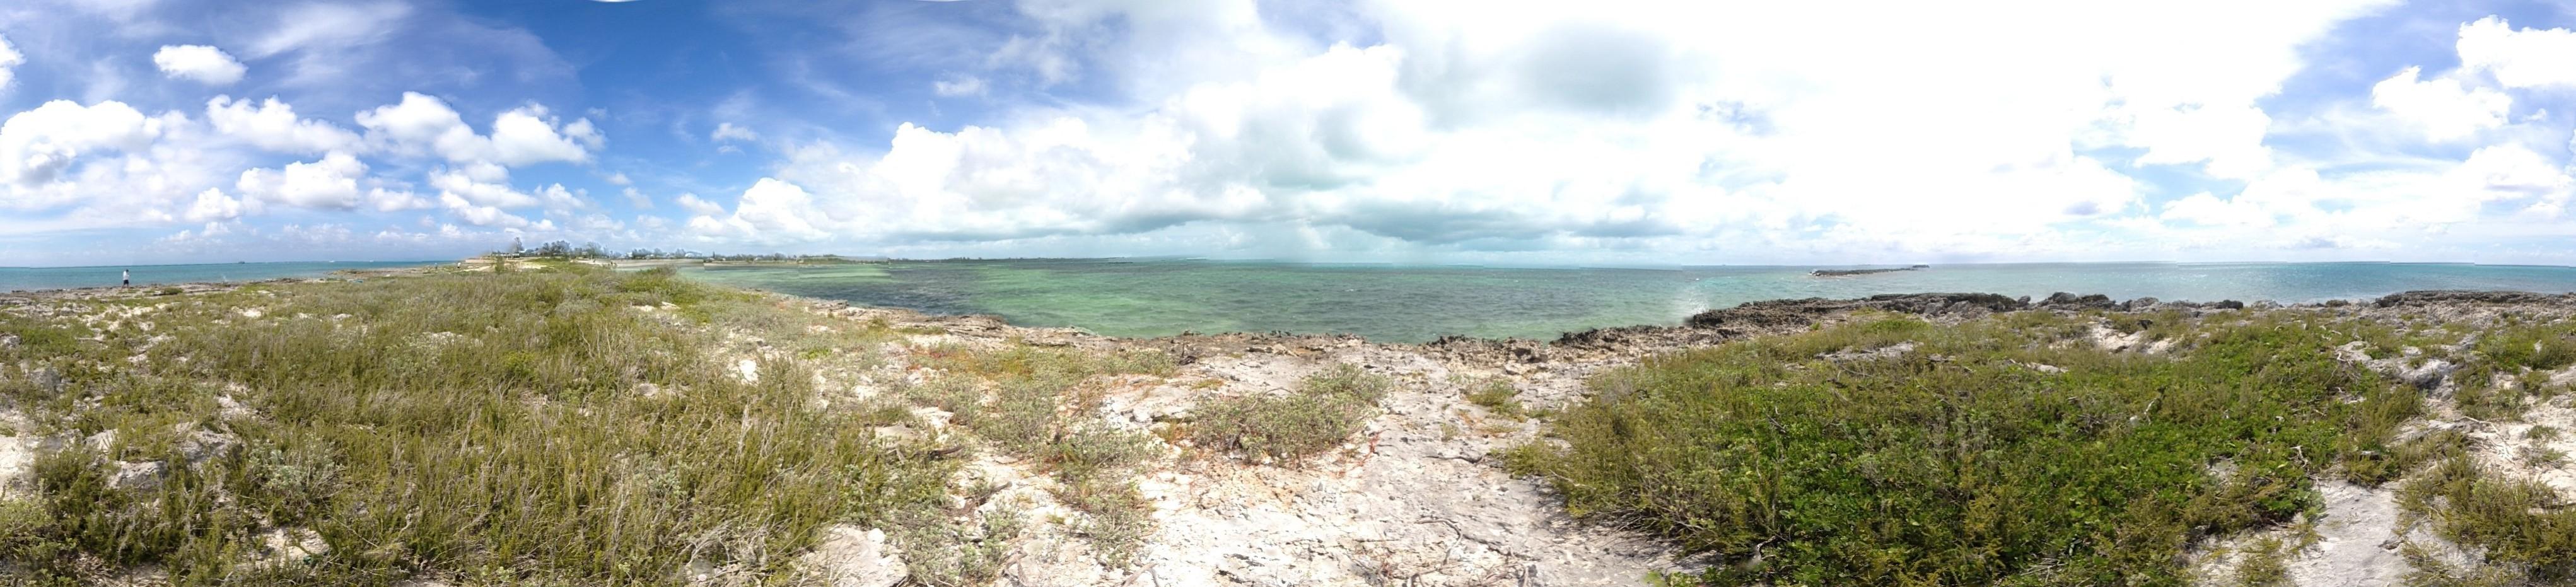 Bimini Bahamas Late Summer